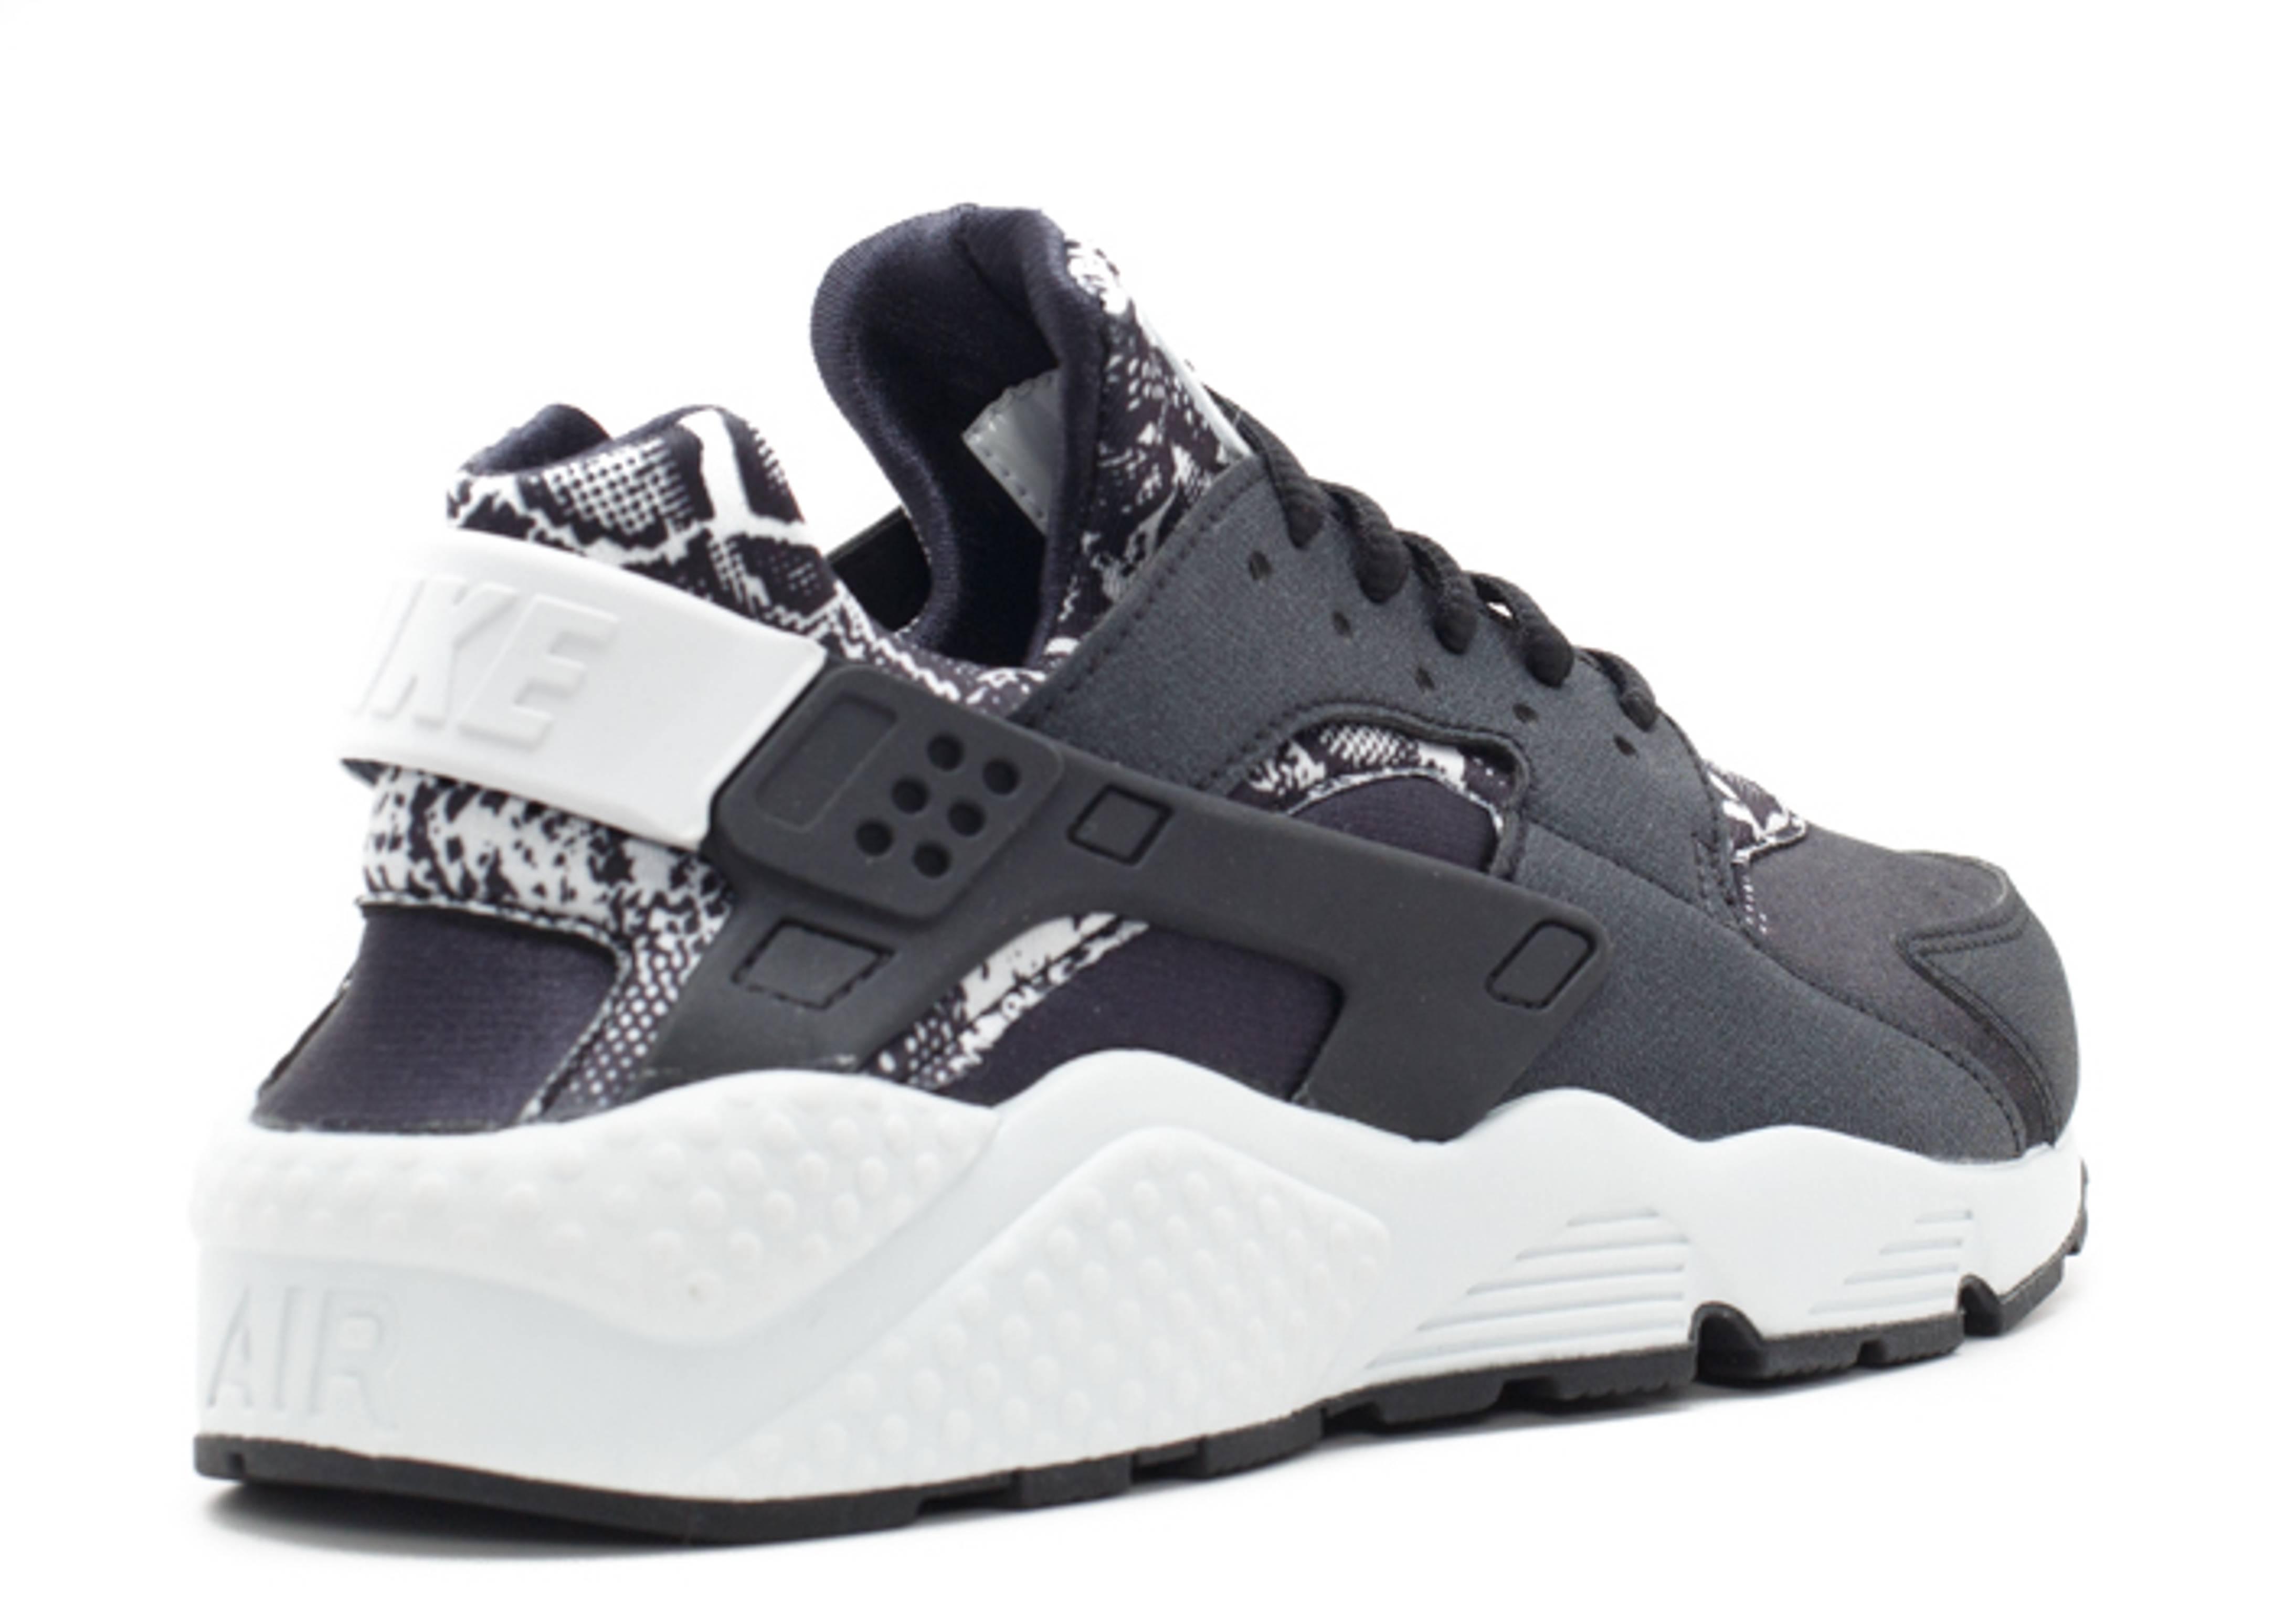 6c7ffdf839c8f W s Air Huarache Run Print - Nike - 725076 002 - black pure platinum ...